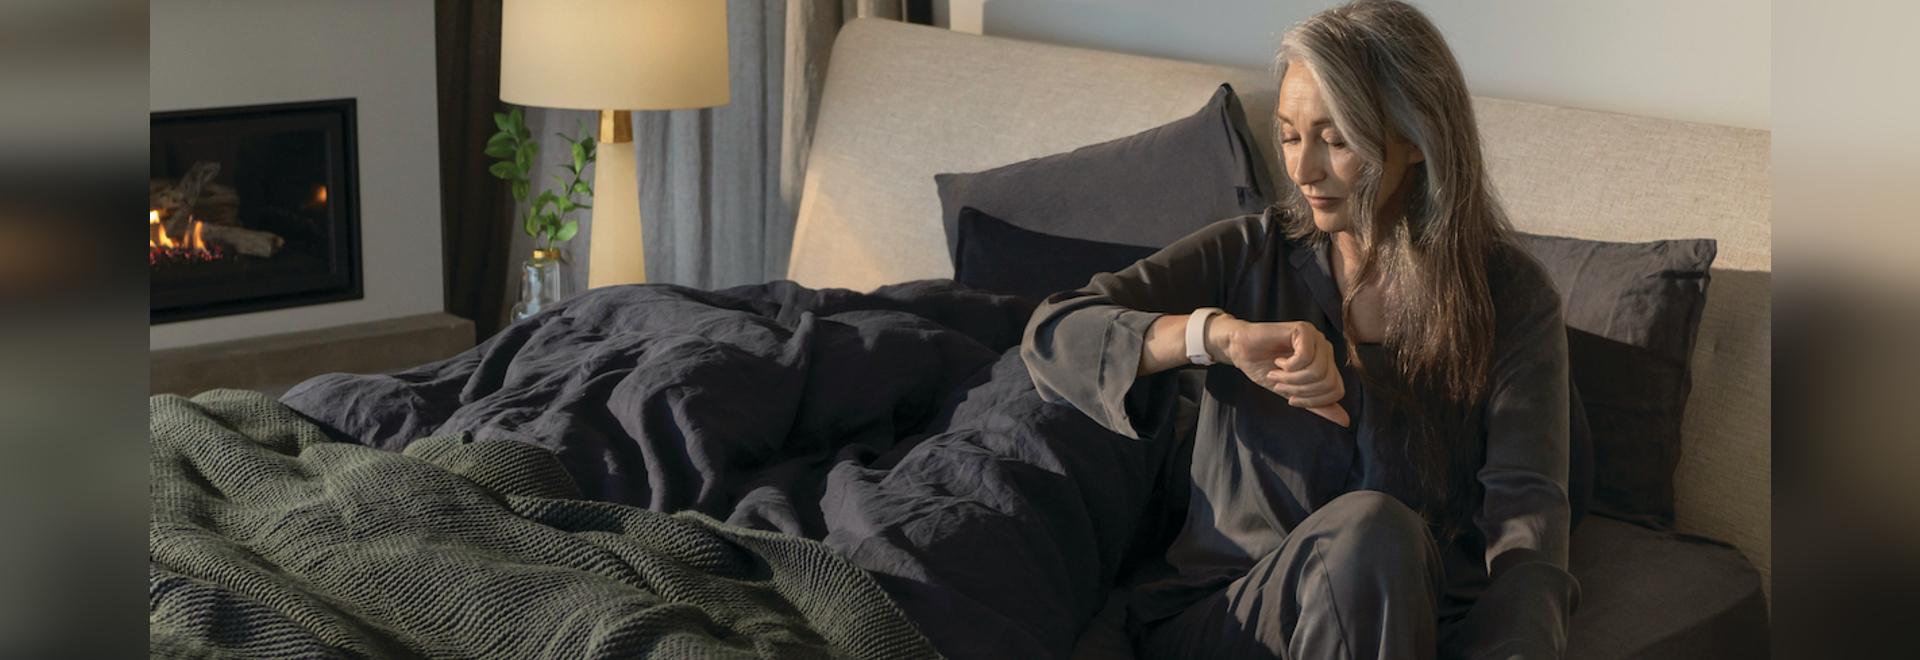 Fitbit-Daten legen nahe, dass Menschen mit COVID-19 anhaltende gesundheitliche Auswirkungen haben